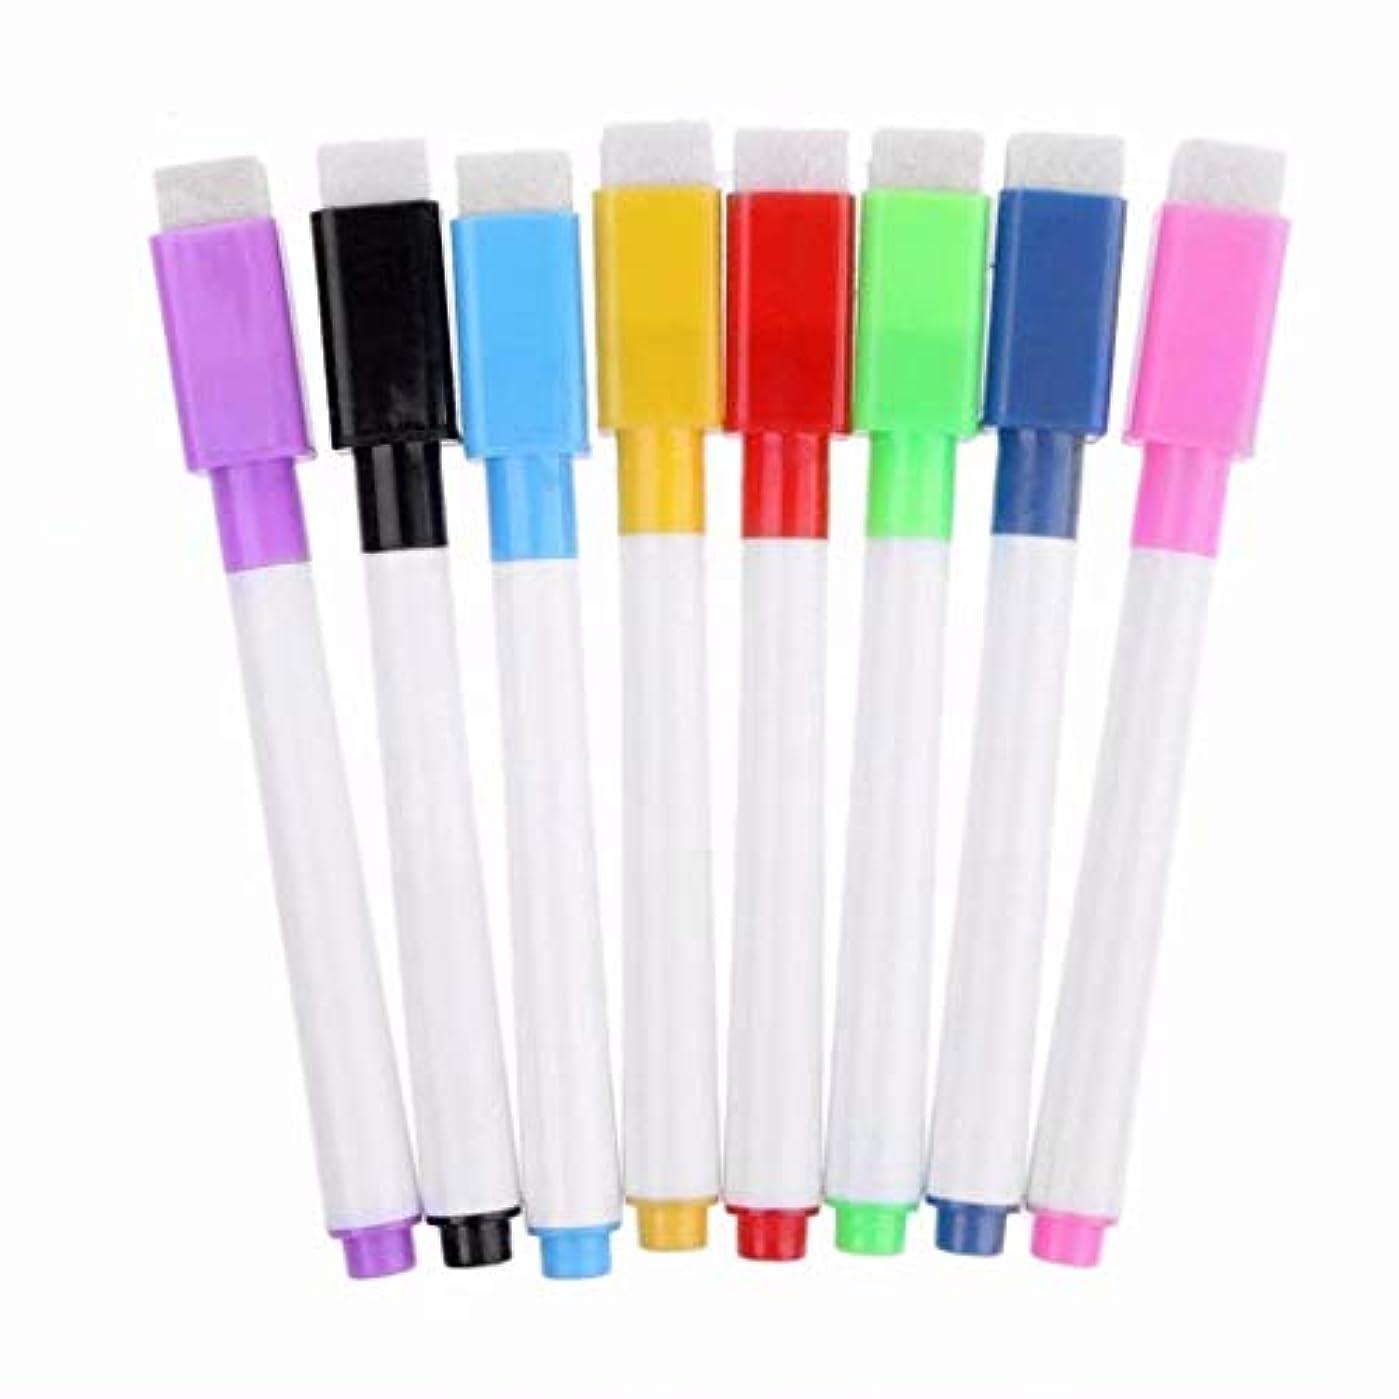 退却季節謝る七里の香 磁気ホワイトボードペン消去可能なドライホワイトボードマーカーマグネットは、 イレーザー 学校教育事務用品 8個セット